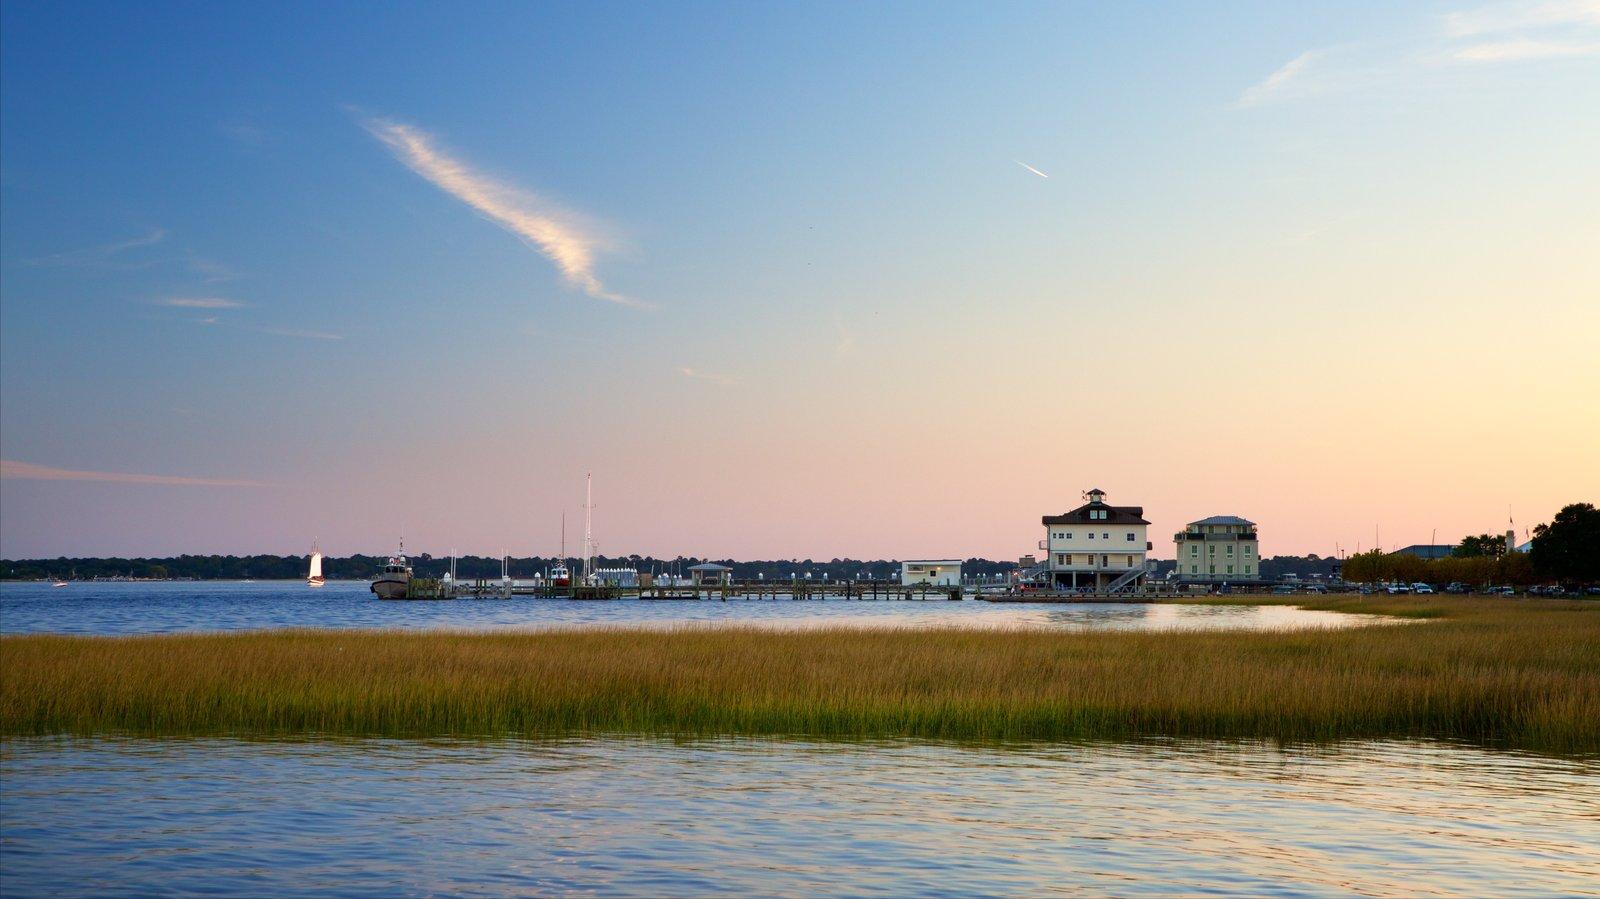 Charleston Waterfront Park que inclui pântano, uma baía ou porto e um pôr do sol